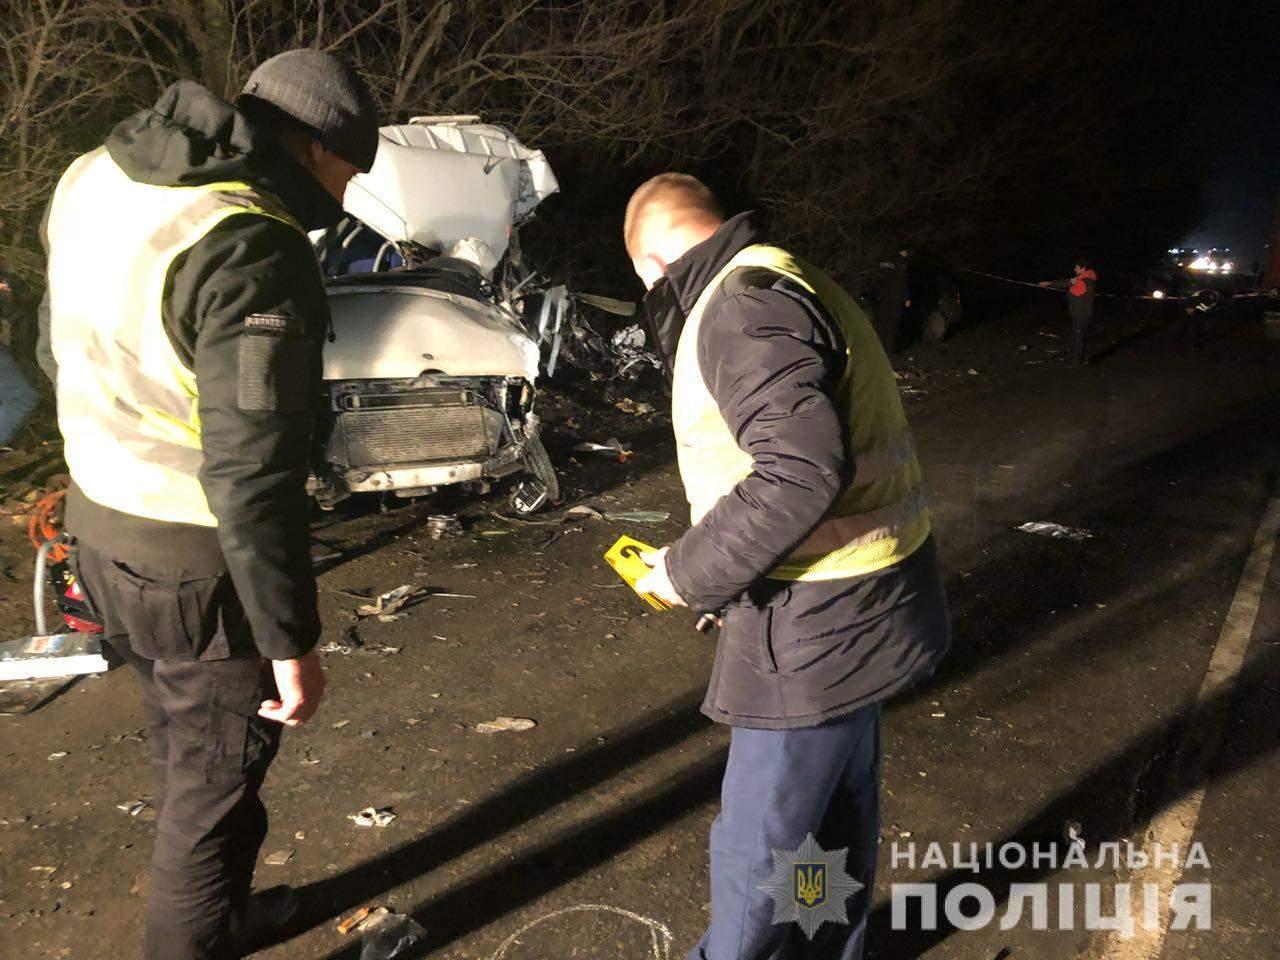 На трассе Одесса - Овидиополь в аварии погибли два сотрудника полиции (фото)